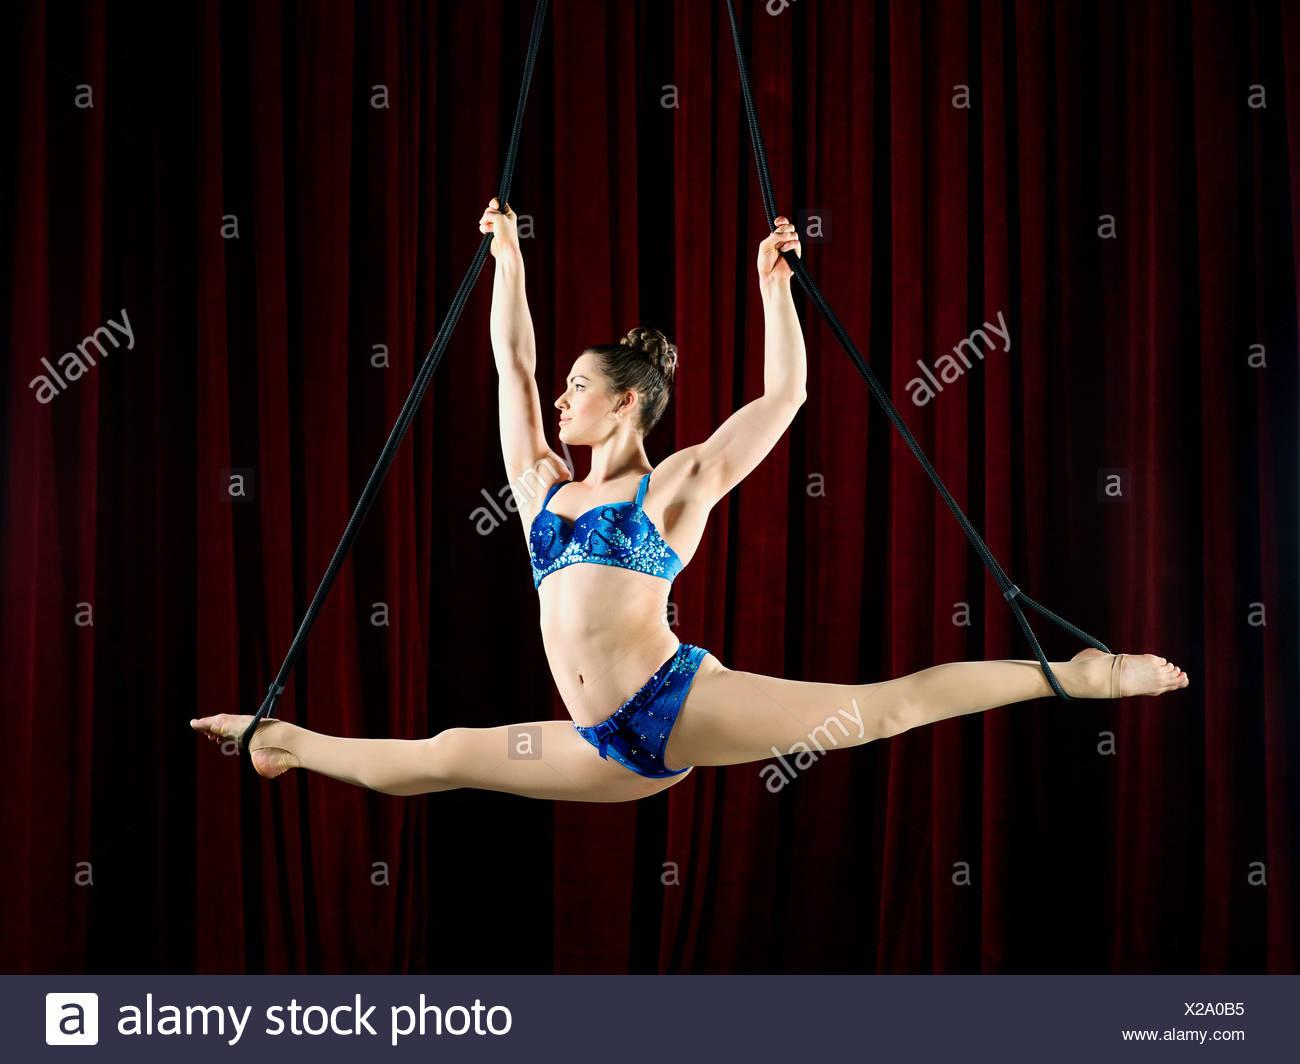 Foto de estudio de mujeres aerialist realizar divisiones en cuerdas Imagen De Stock